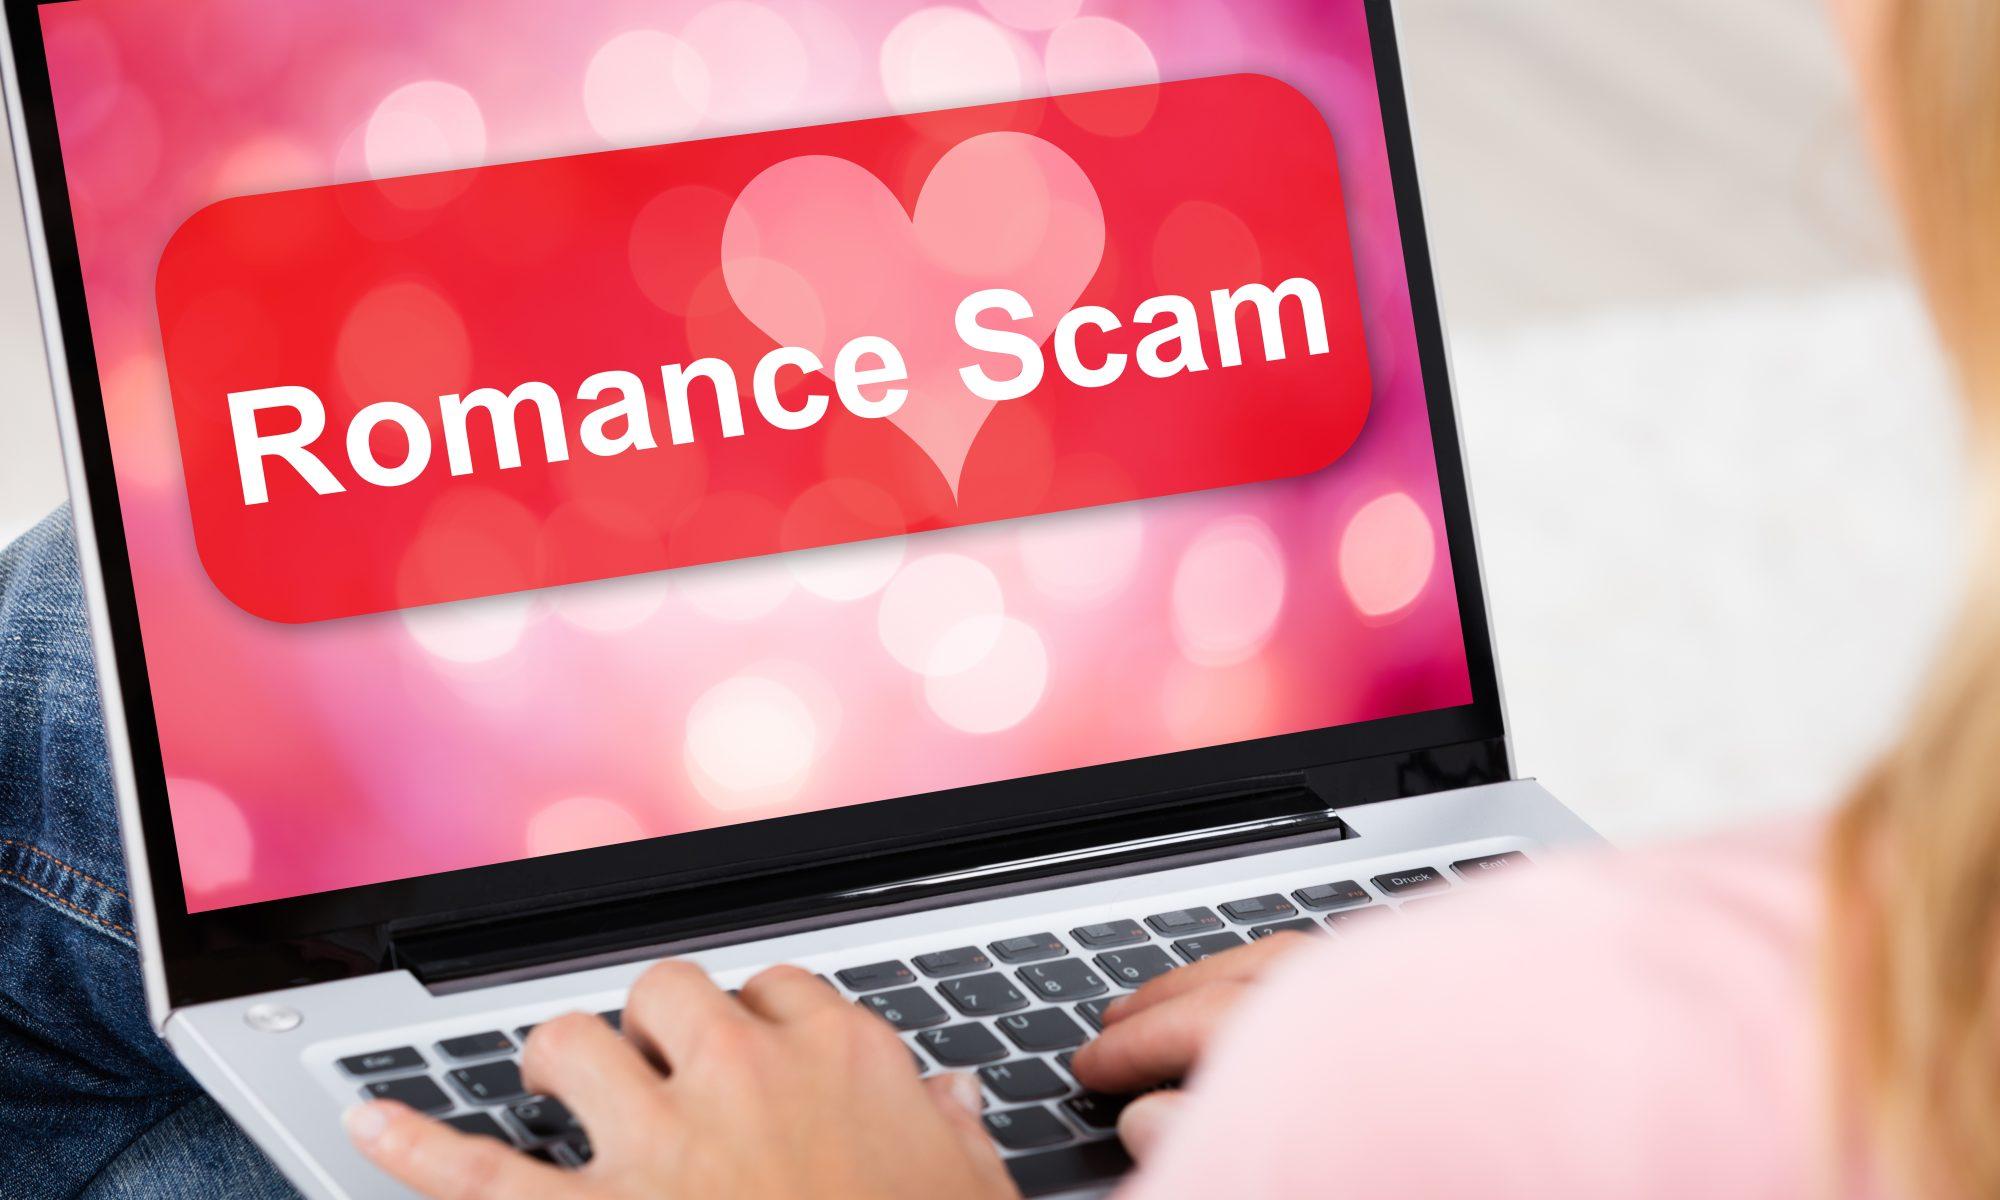 Notebook mit Romance Scam Titel